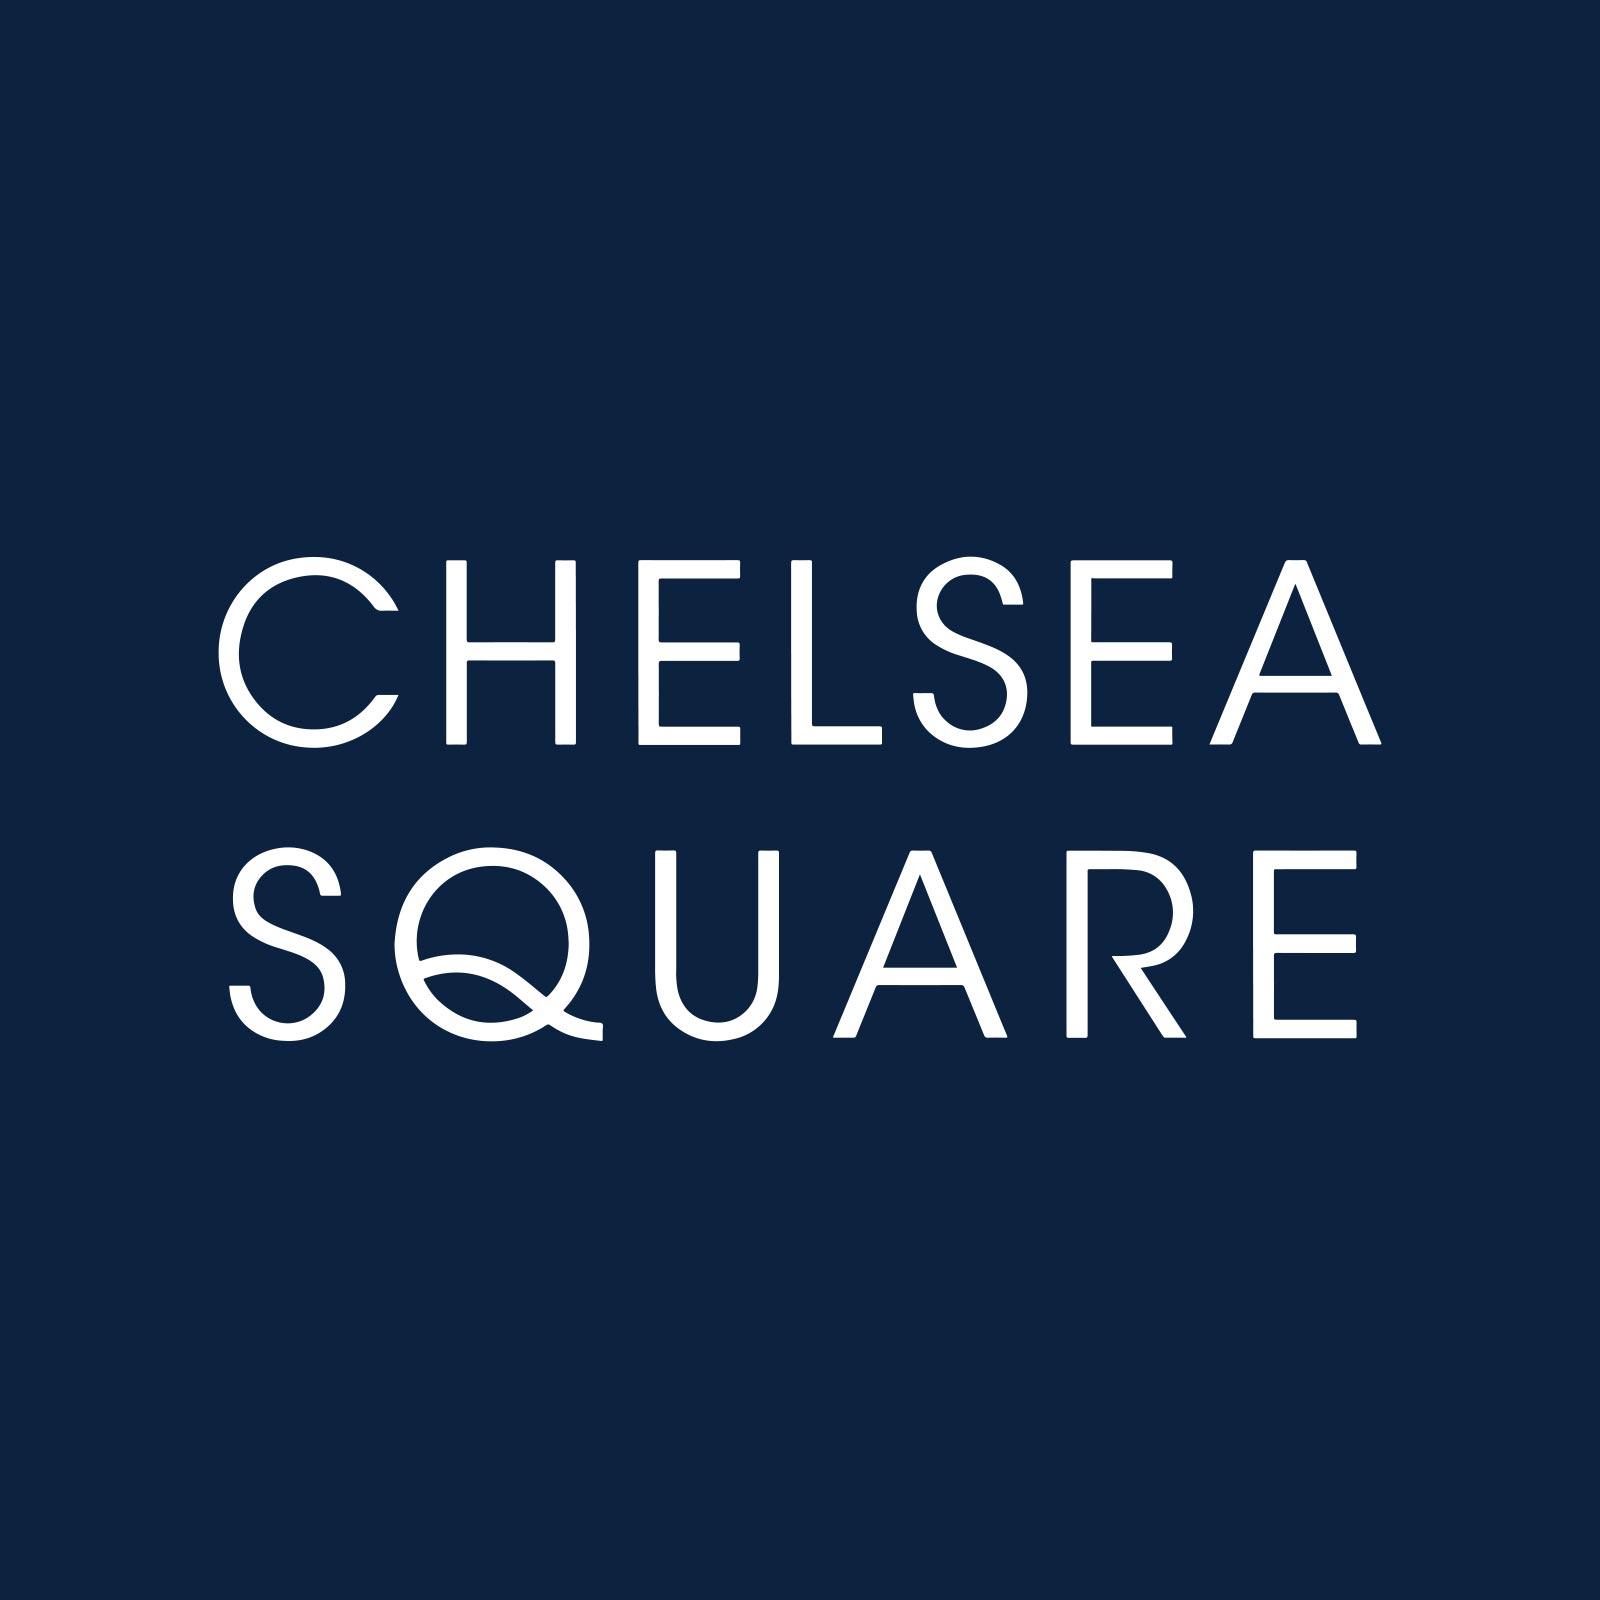 Chelsea-square_logo.jpg